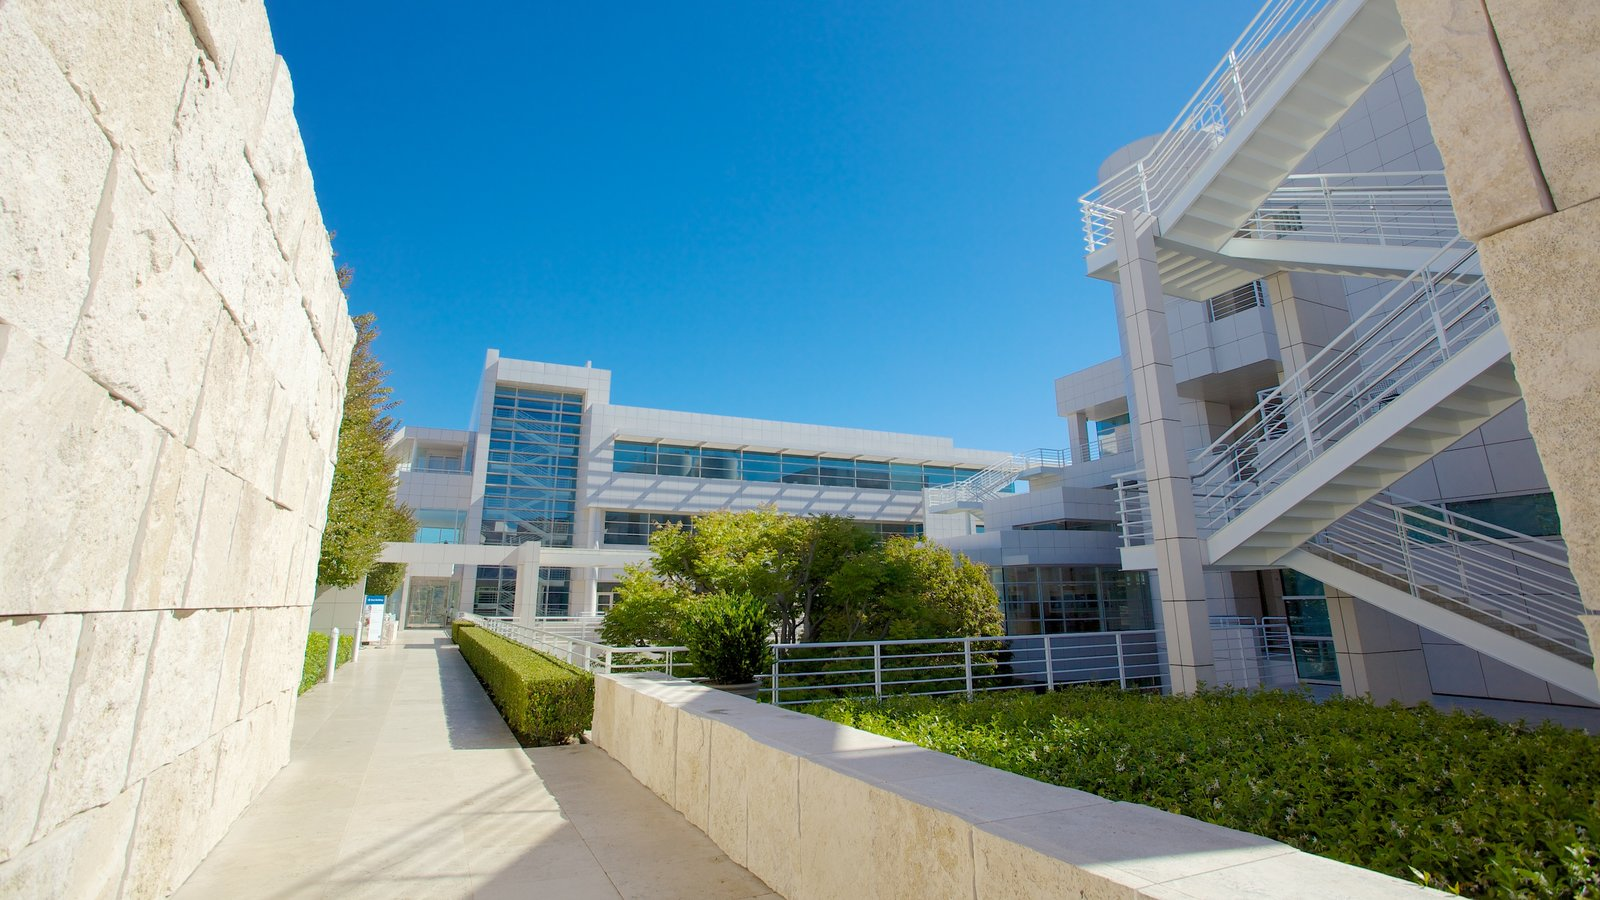 Centro Getty mostrando una ciudad y arquitectura moderna